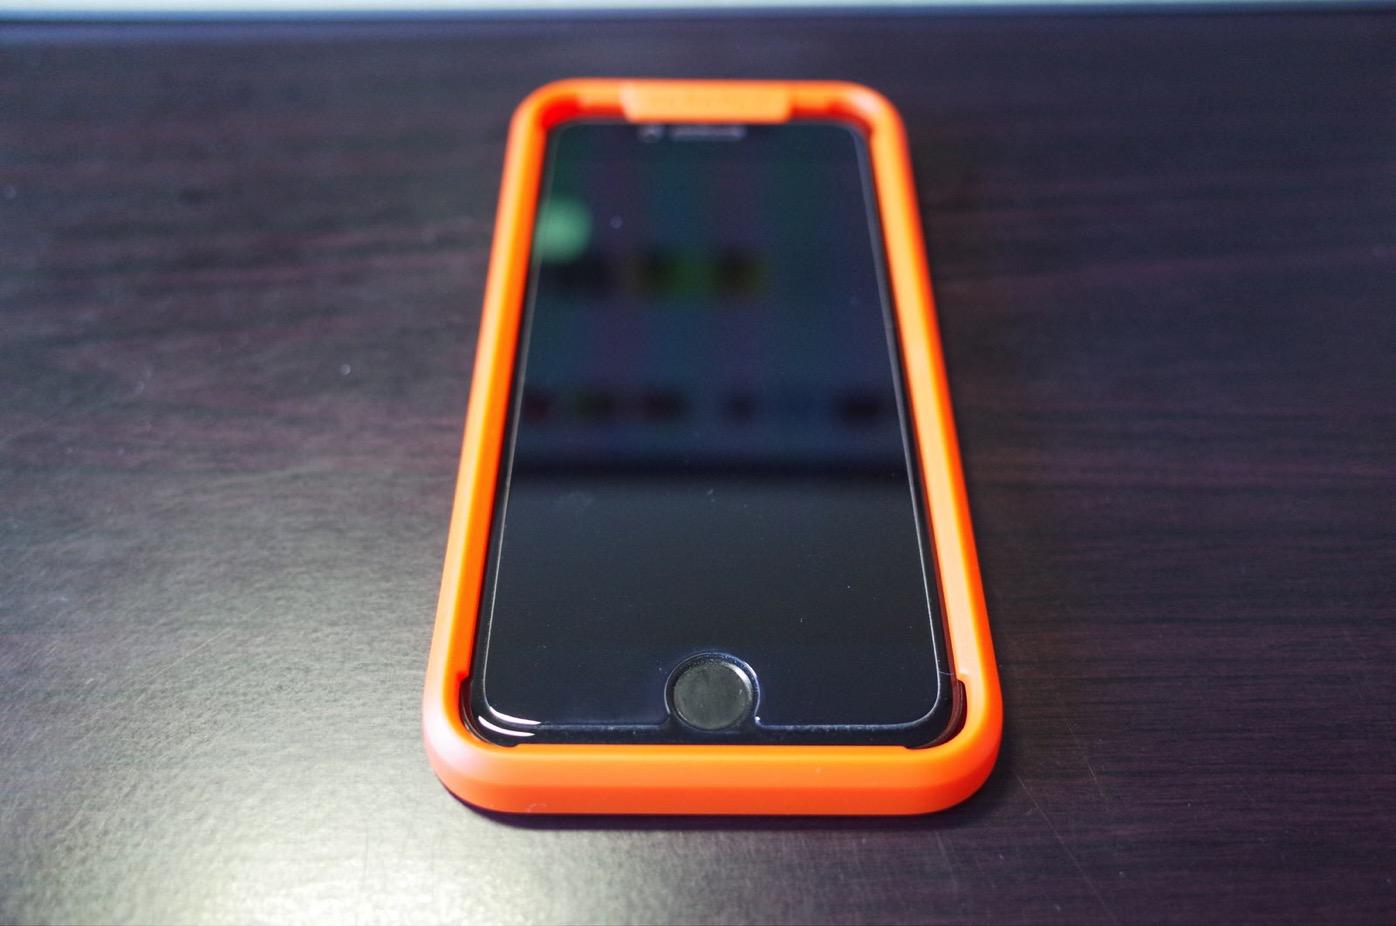 [iPhone]新型 iPhone X用の保護フィルム「Anker KARAPAX GlassGuard iPhone X用 強化ガラス液晶保護フィルム」を購入してみたよ